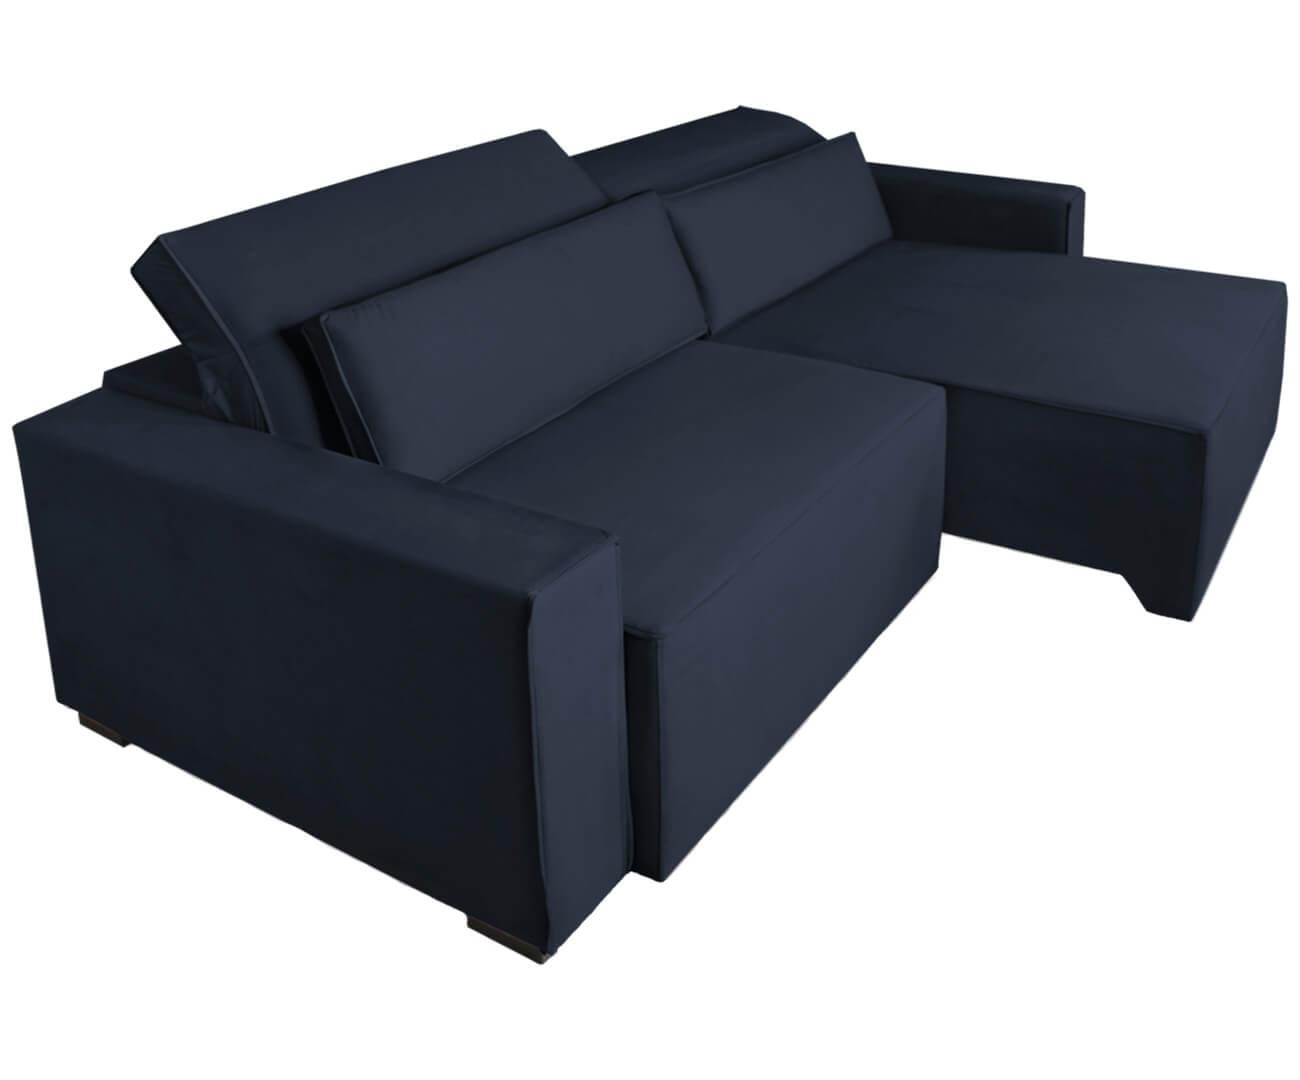 sofá retrátil e reclinável modern (molejo duplo) 1229